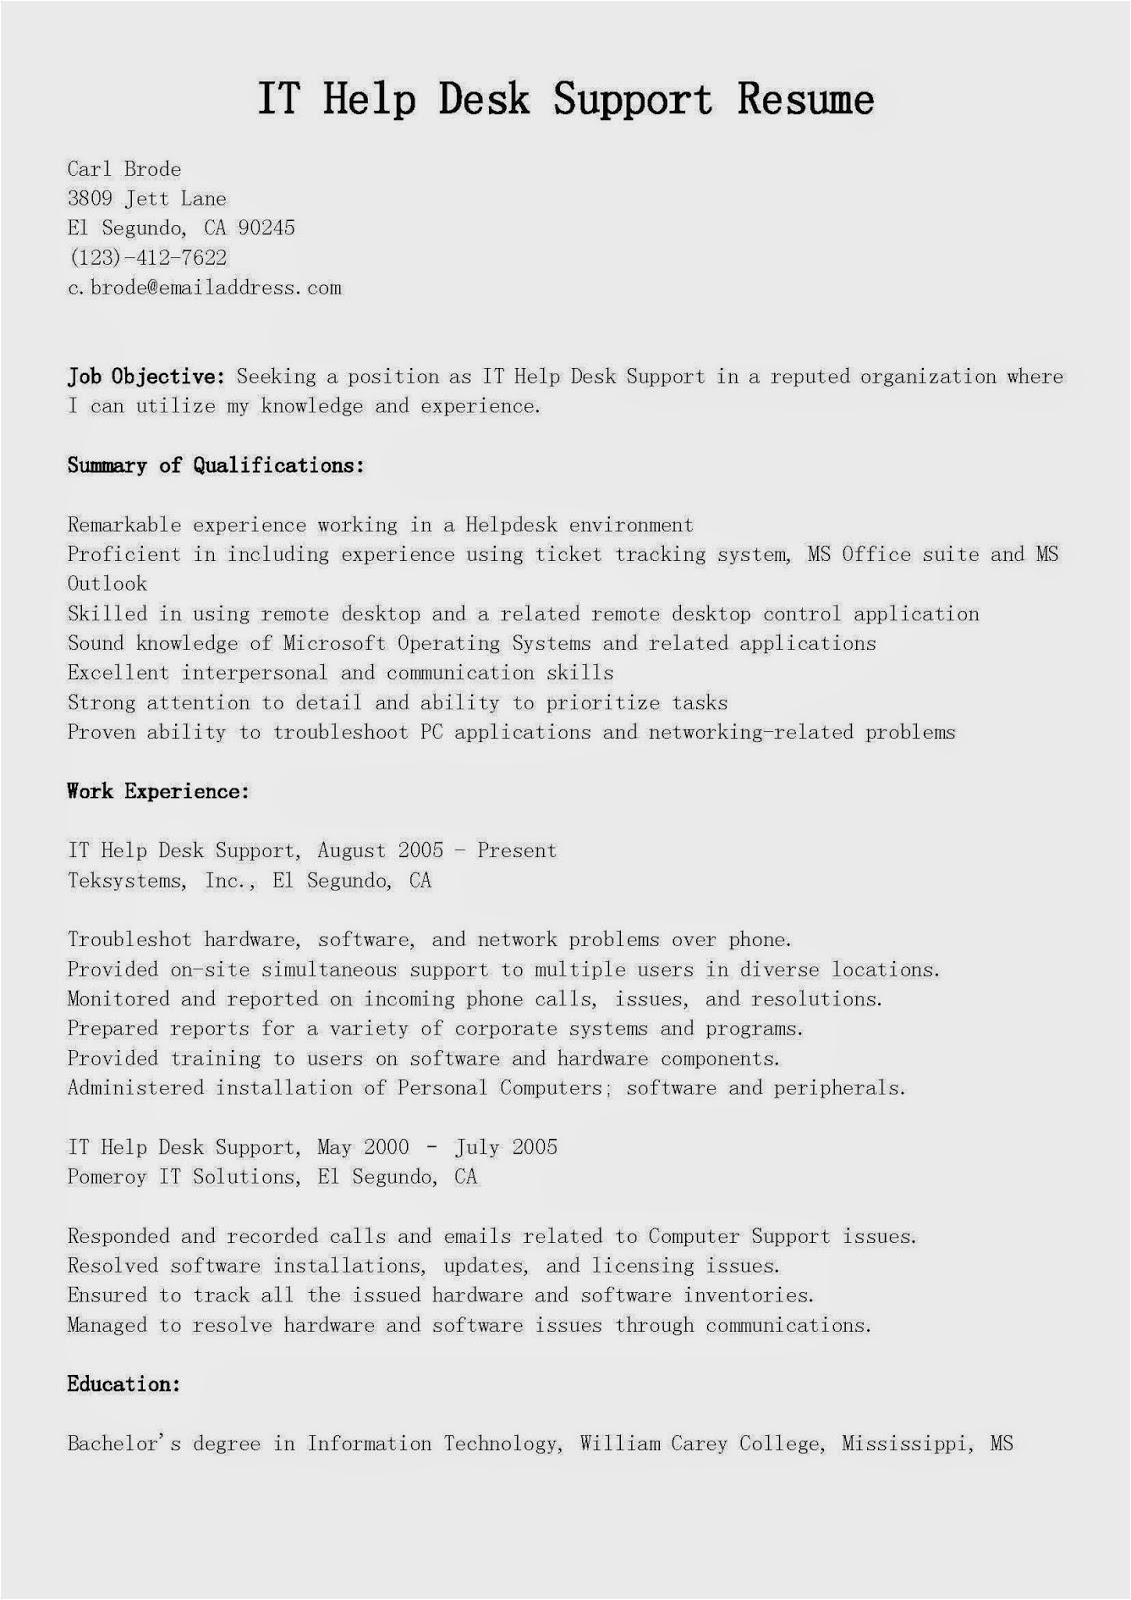 It Help Desk Support Resume Sample Resume Samples It Help Desk Support Resume Sample